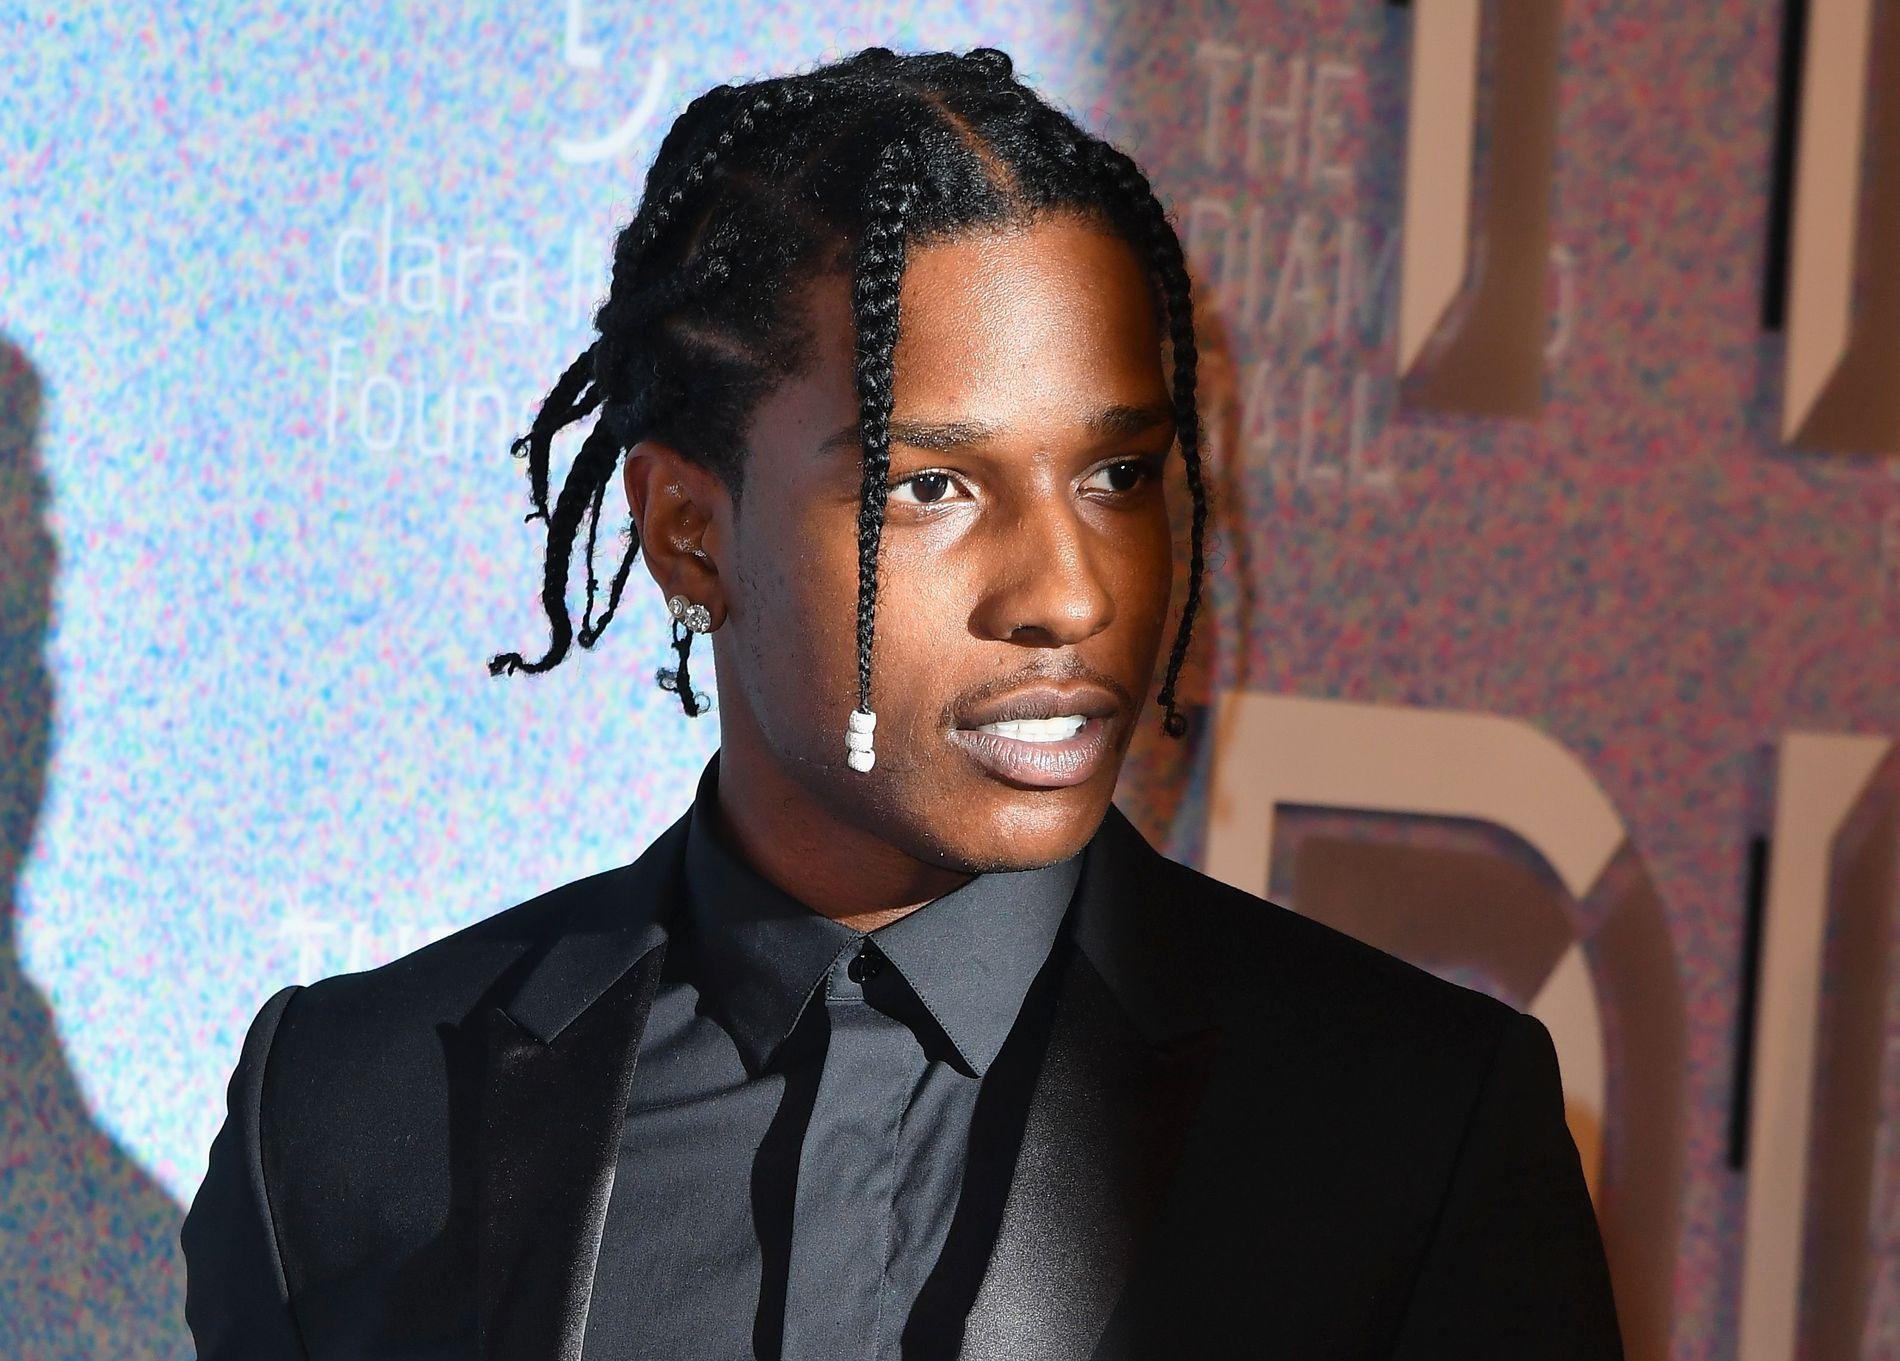 ARRESTERT: A$AP Rocky, her avbildet på et arrangement i New York i september 2018, sitter fengslet i Sverige.